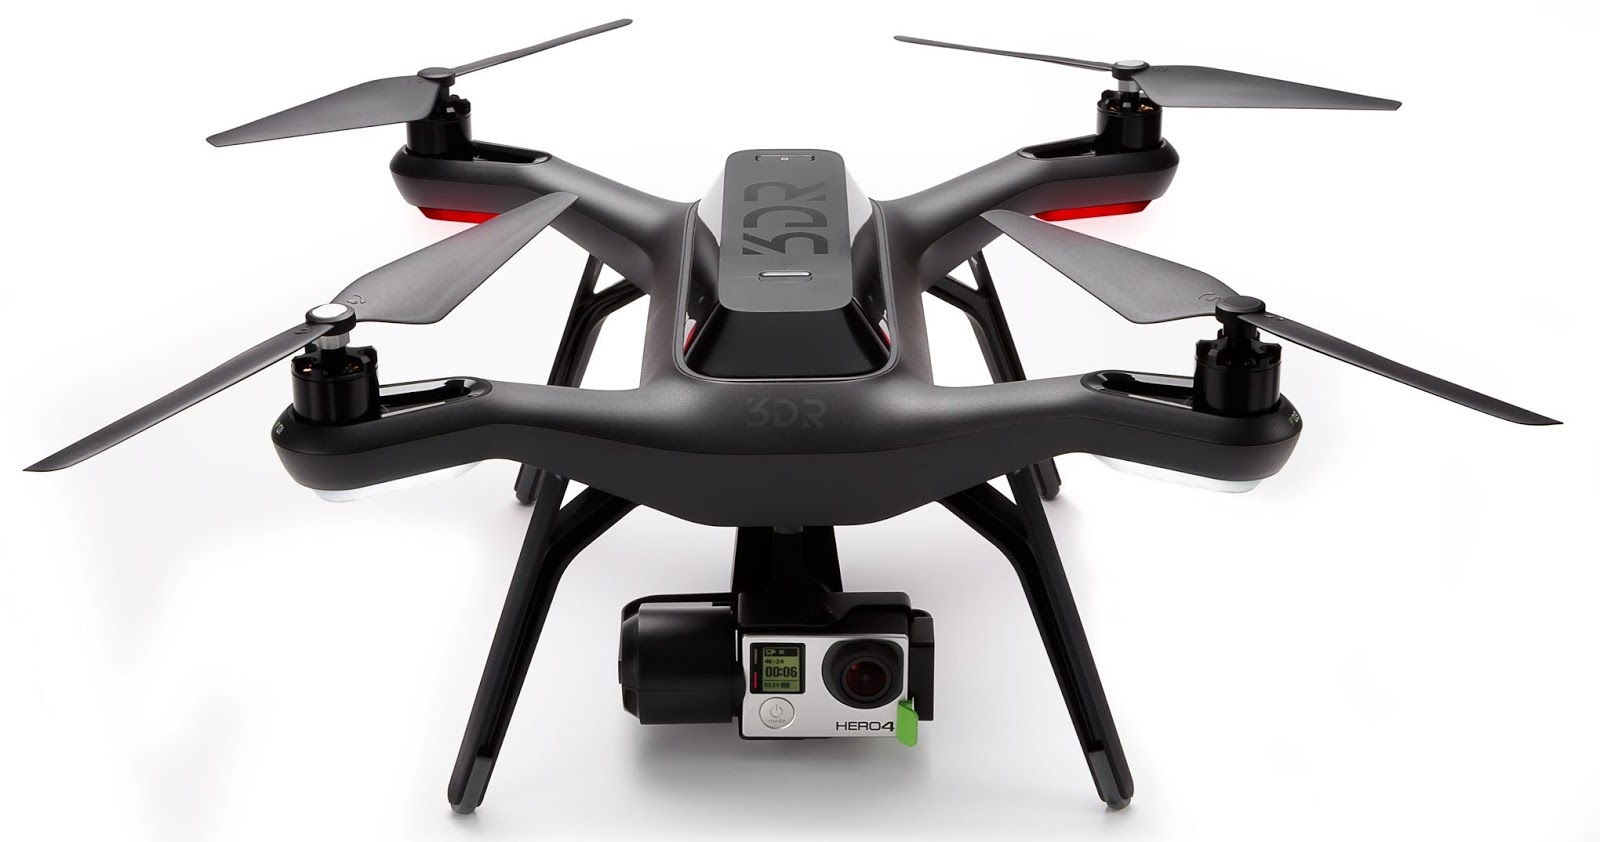 pilihan drone terbaik 3dr solo